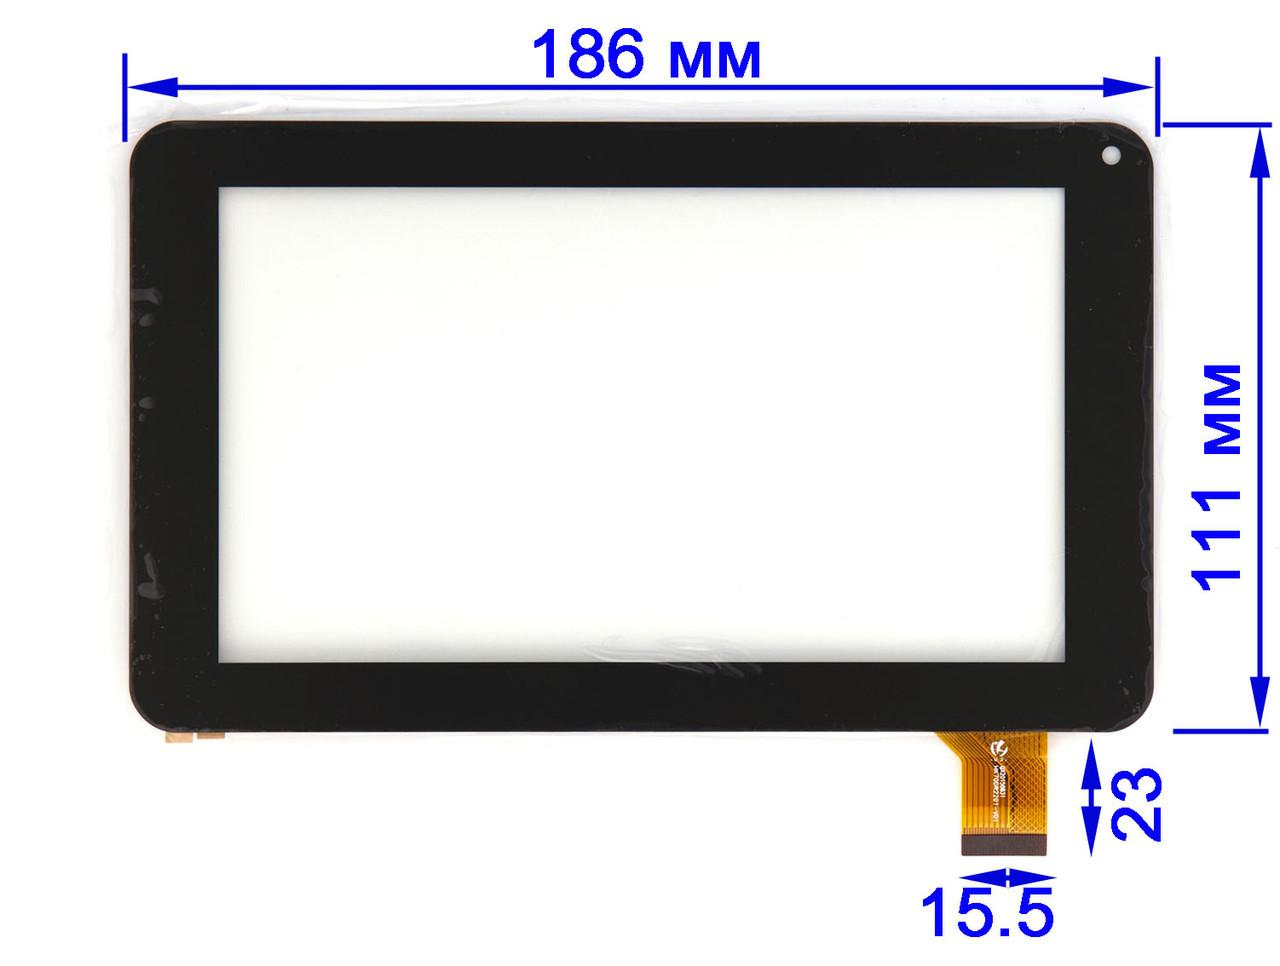 Тачскрин Globex GU701R Touch screen Globex GU730C black, Globex GU730C whit, Nomi A07000, Supra M720